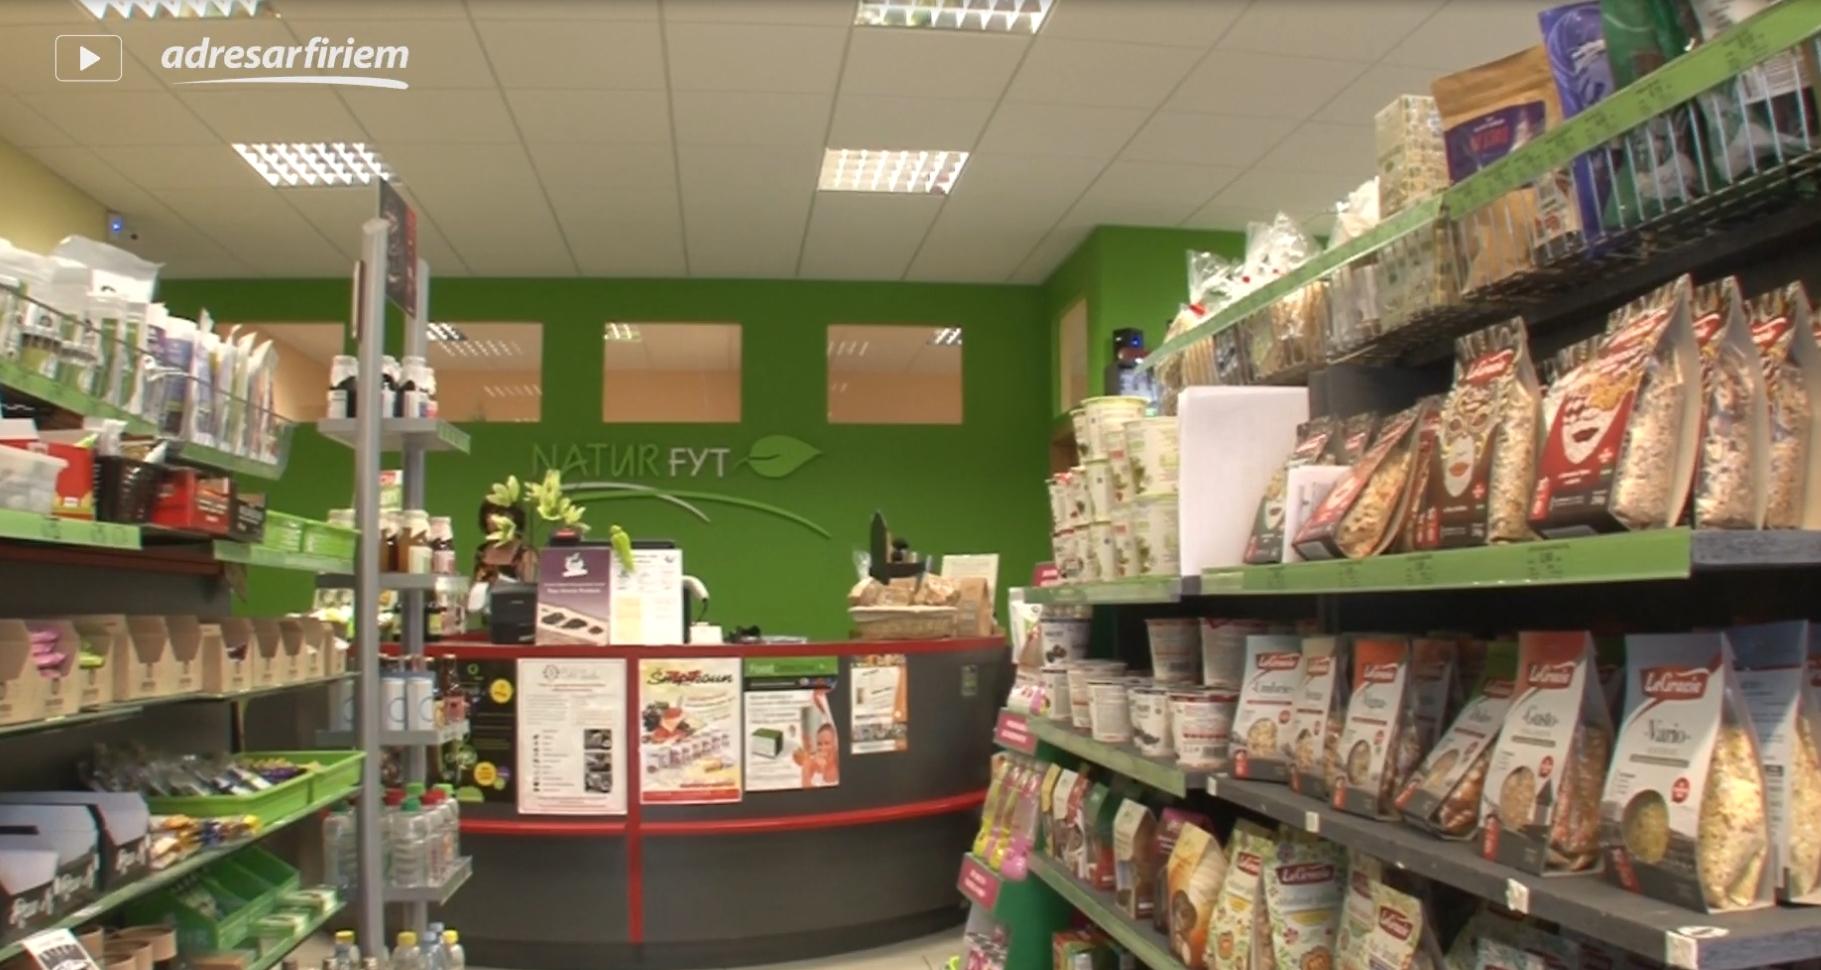 Video NaturFyt - výživové doplnky Bratislava